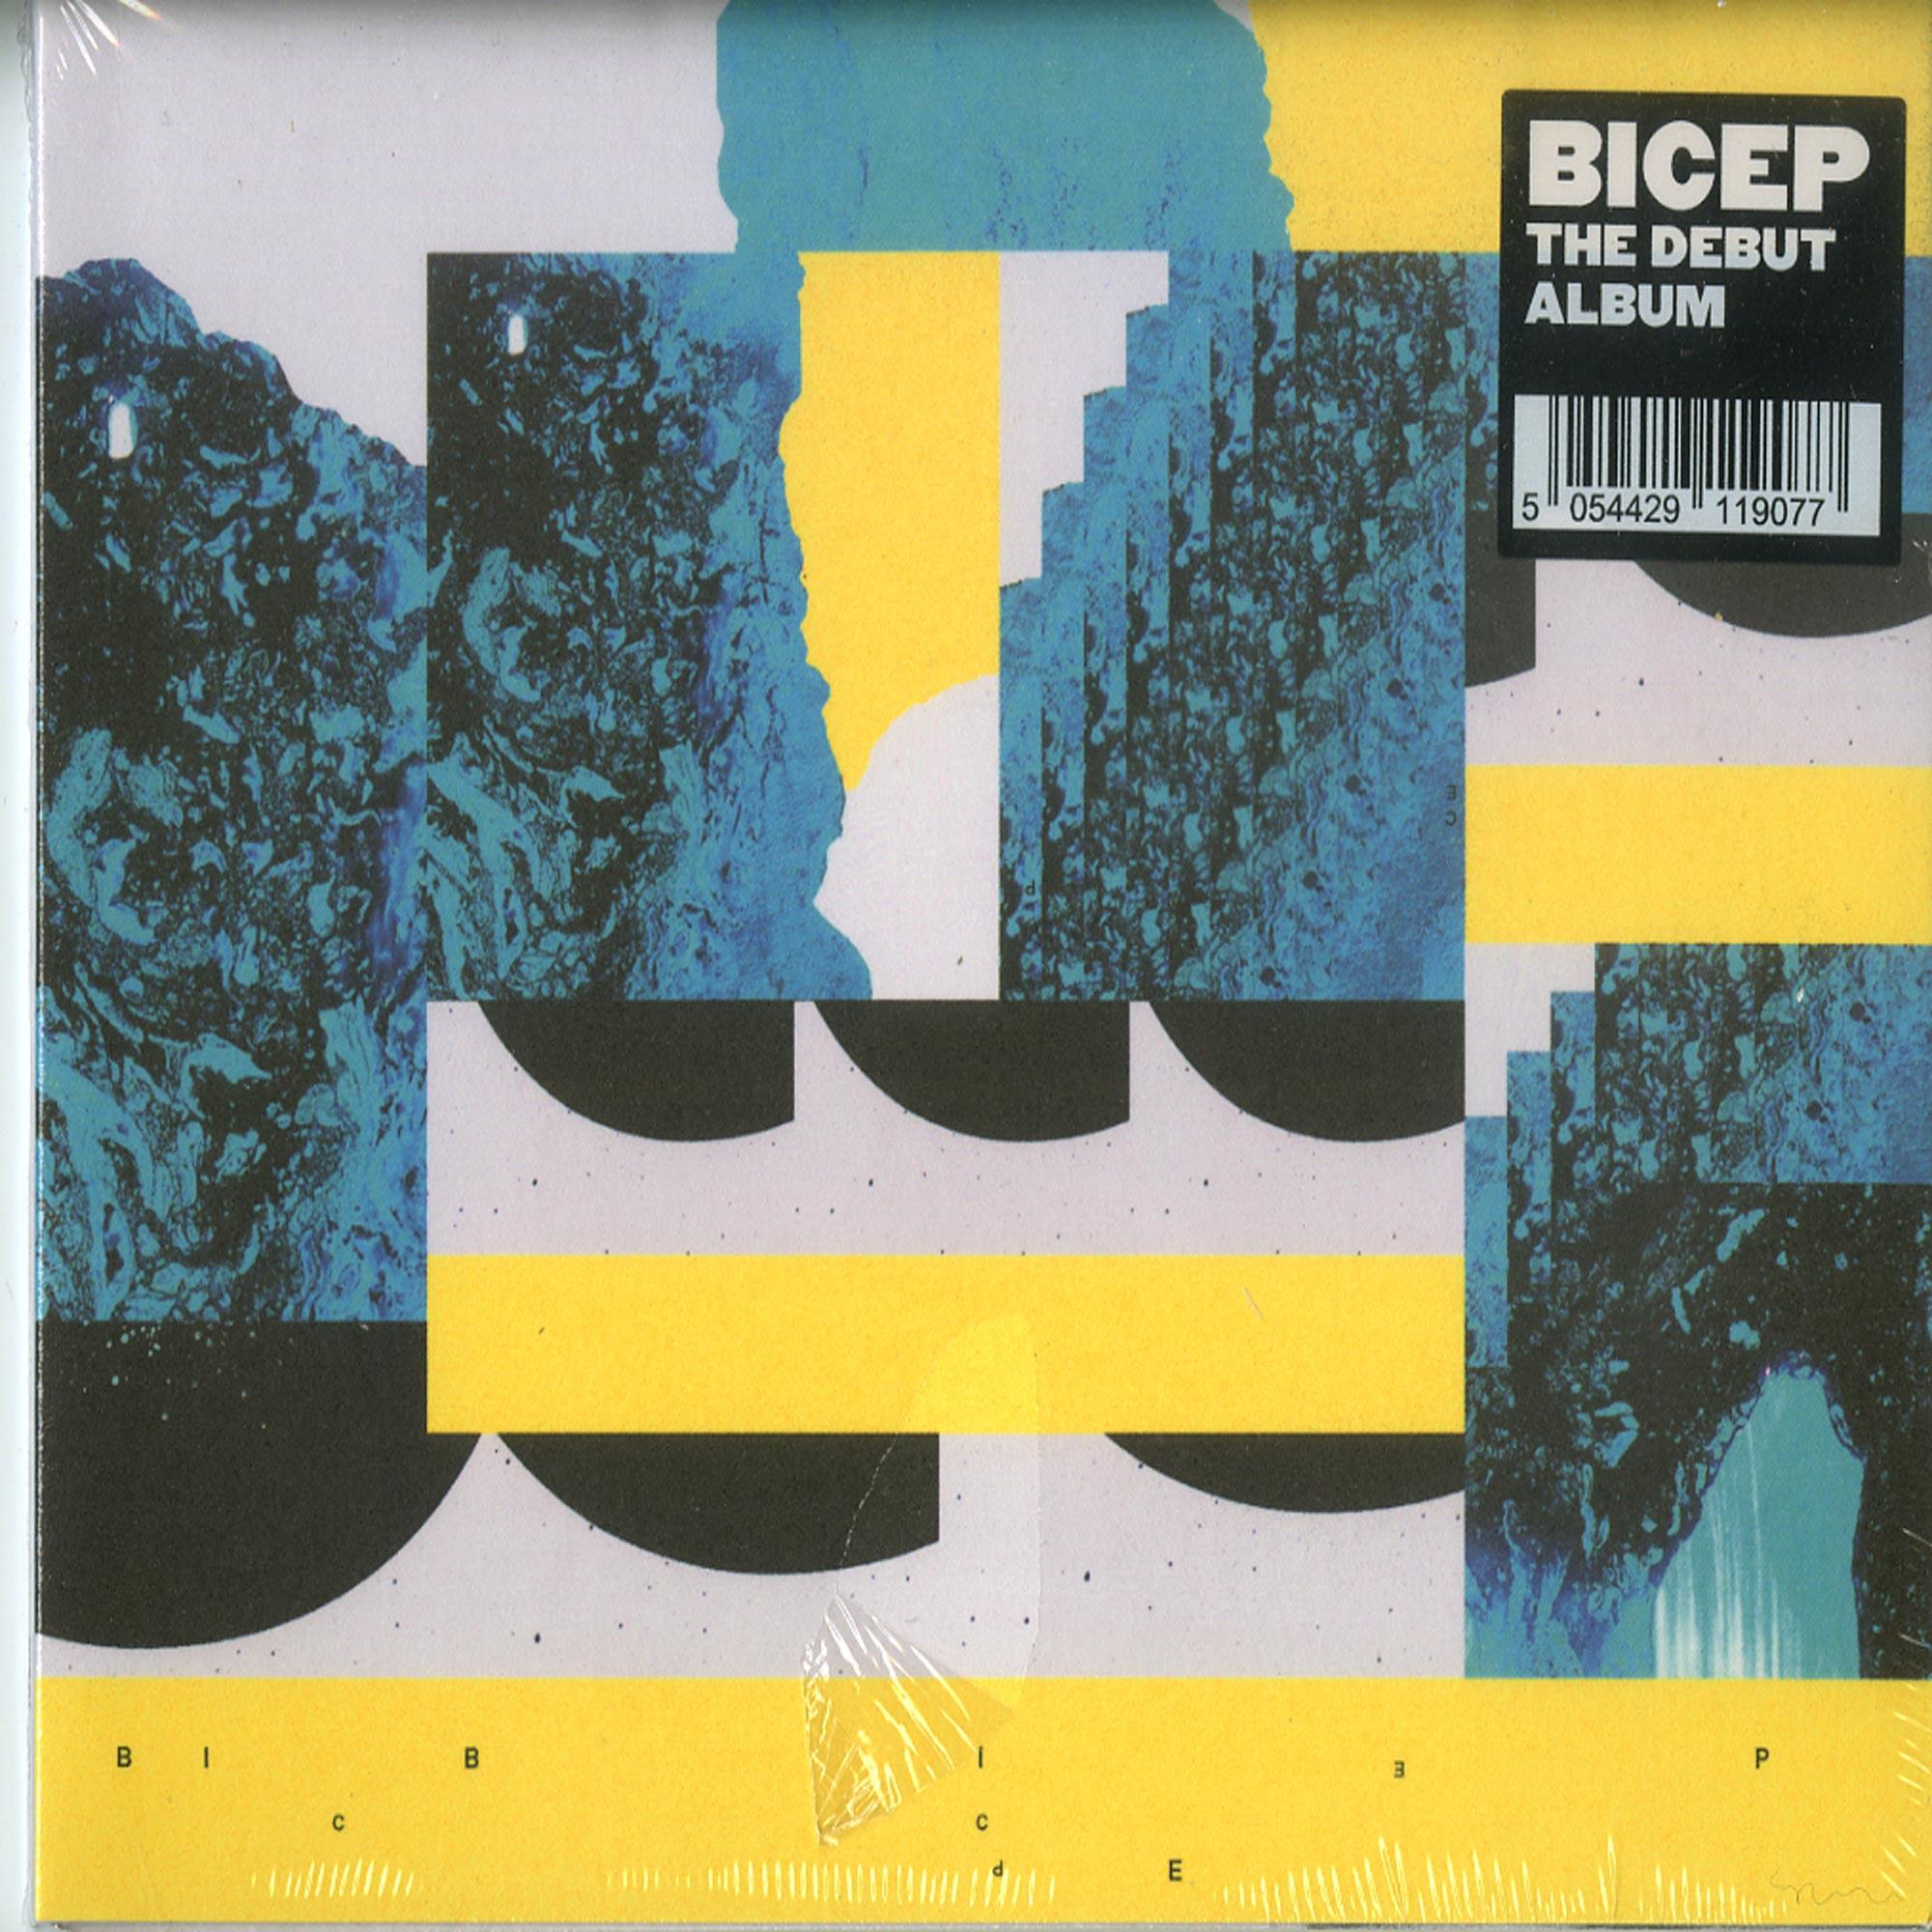 Bicep - BICEP